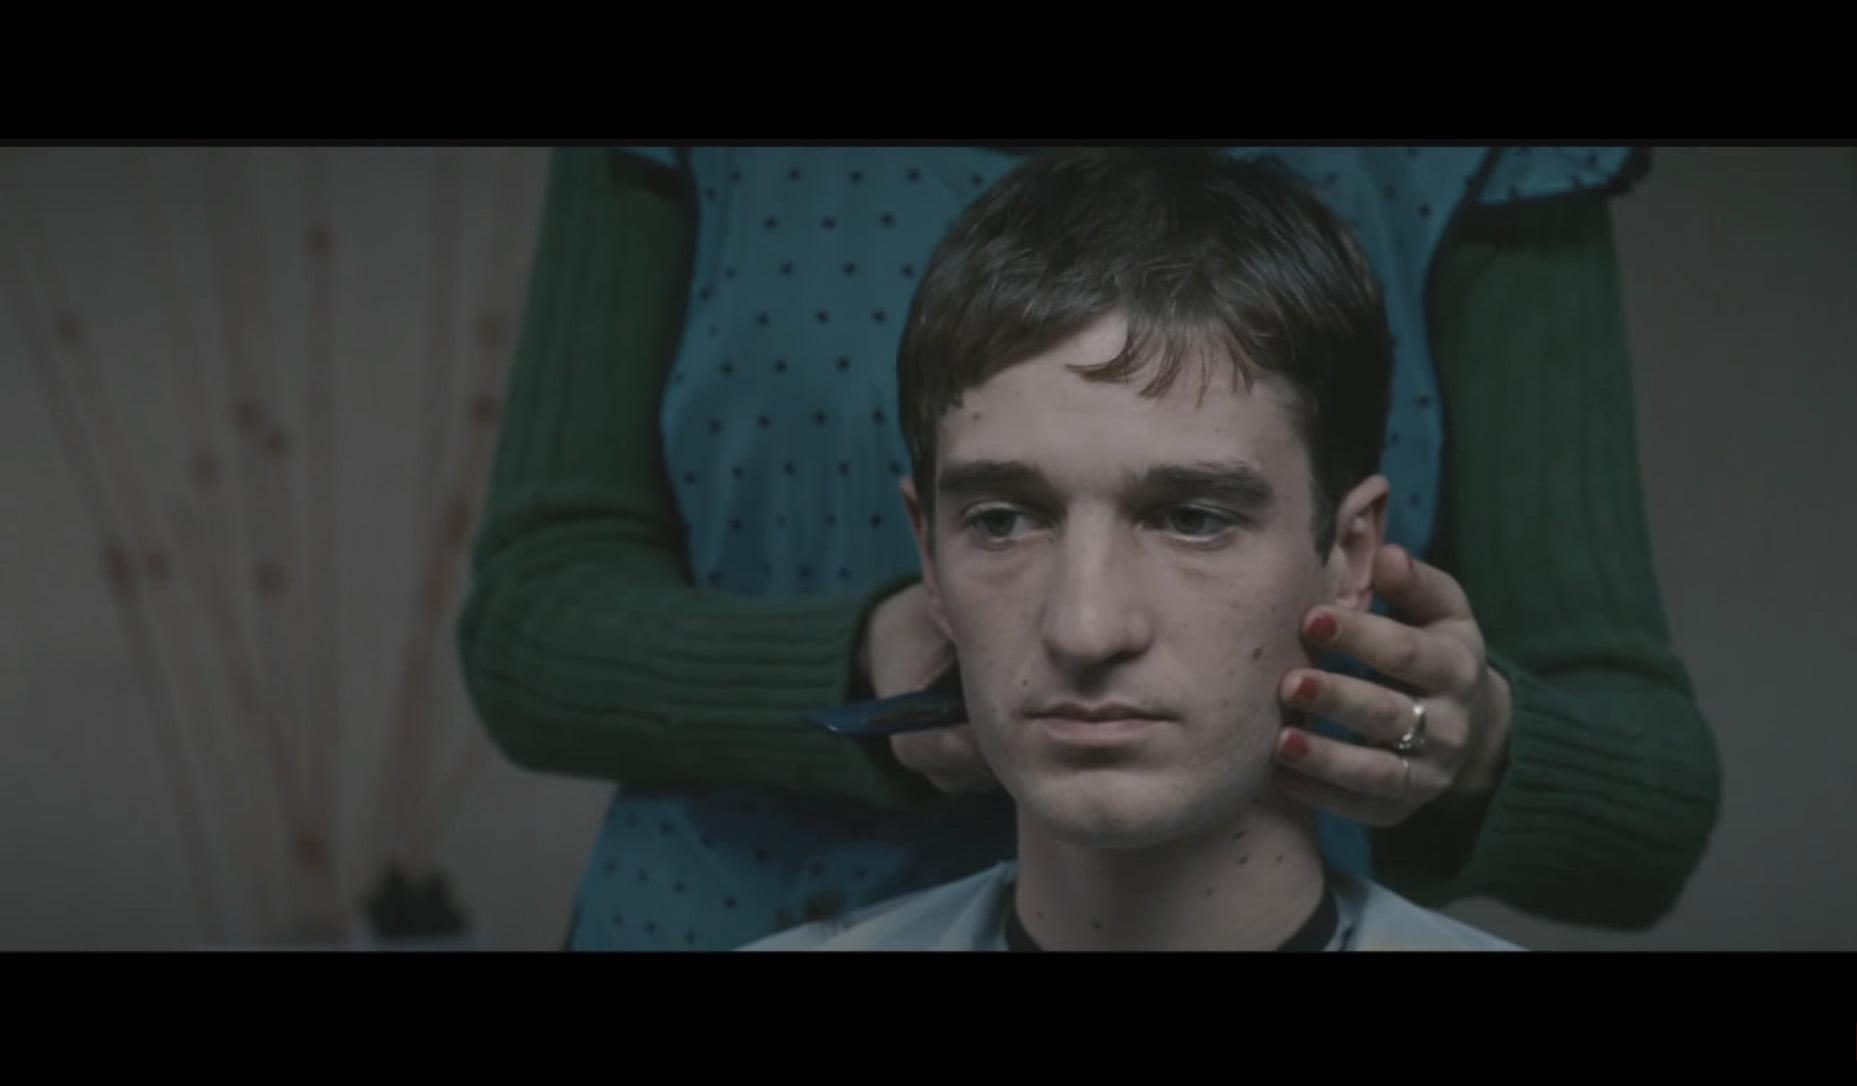 The Unsaved by Igor Cobileanski - CINEPUB